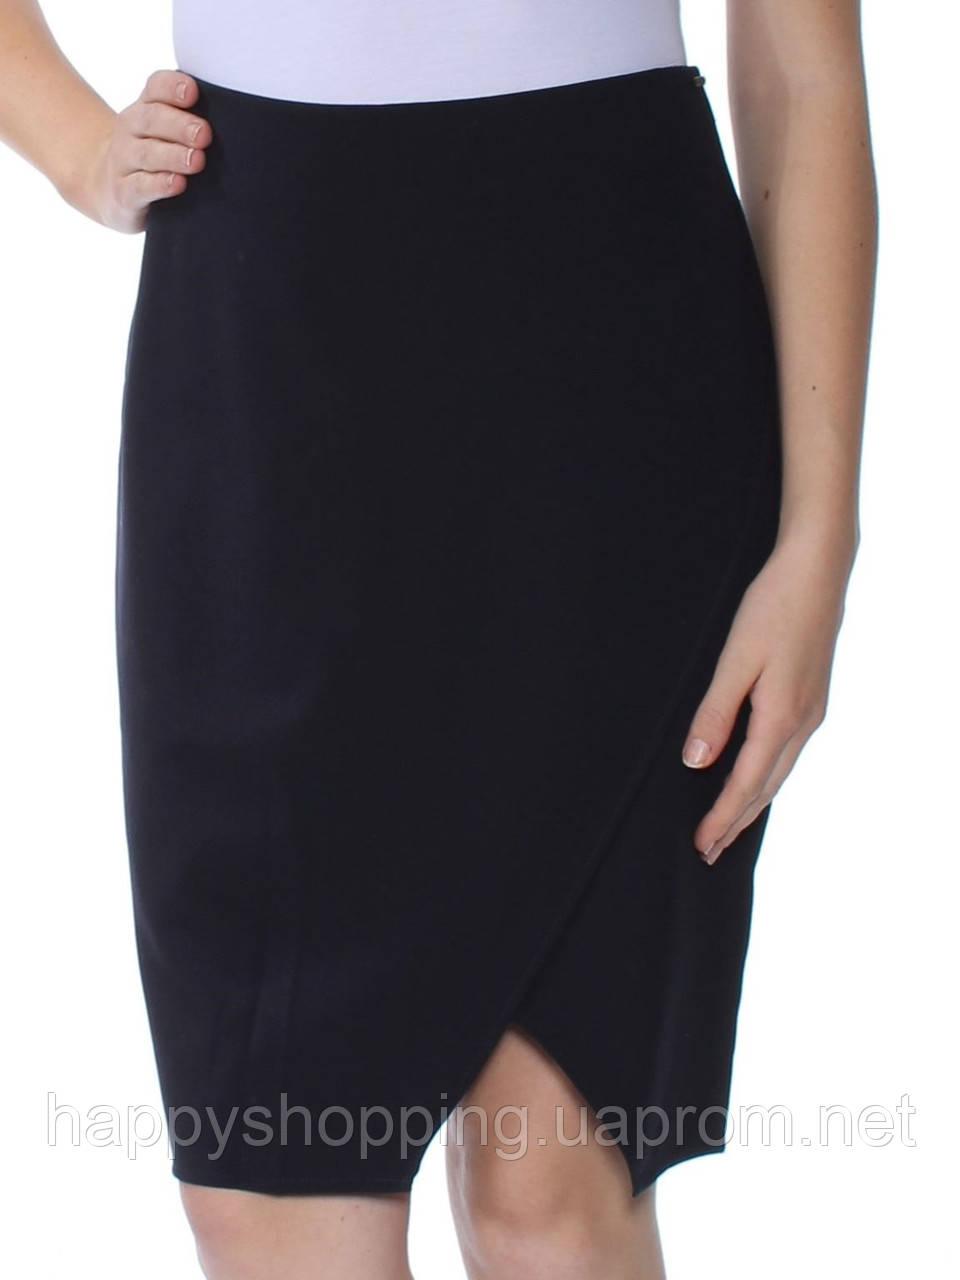 Женская оригинальная темно-синяя юбка популярного бренда DKNY